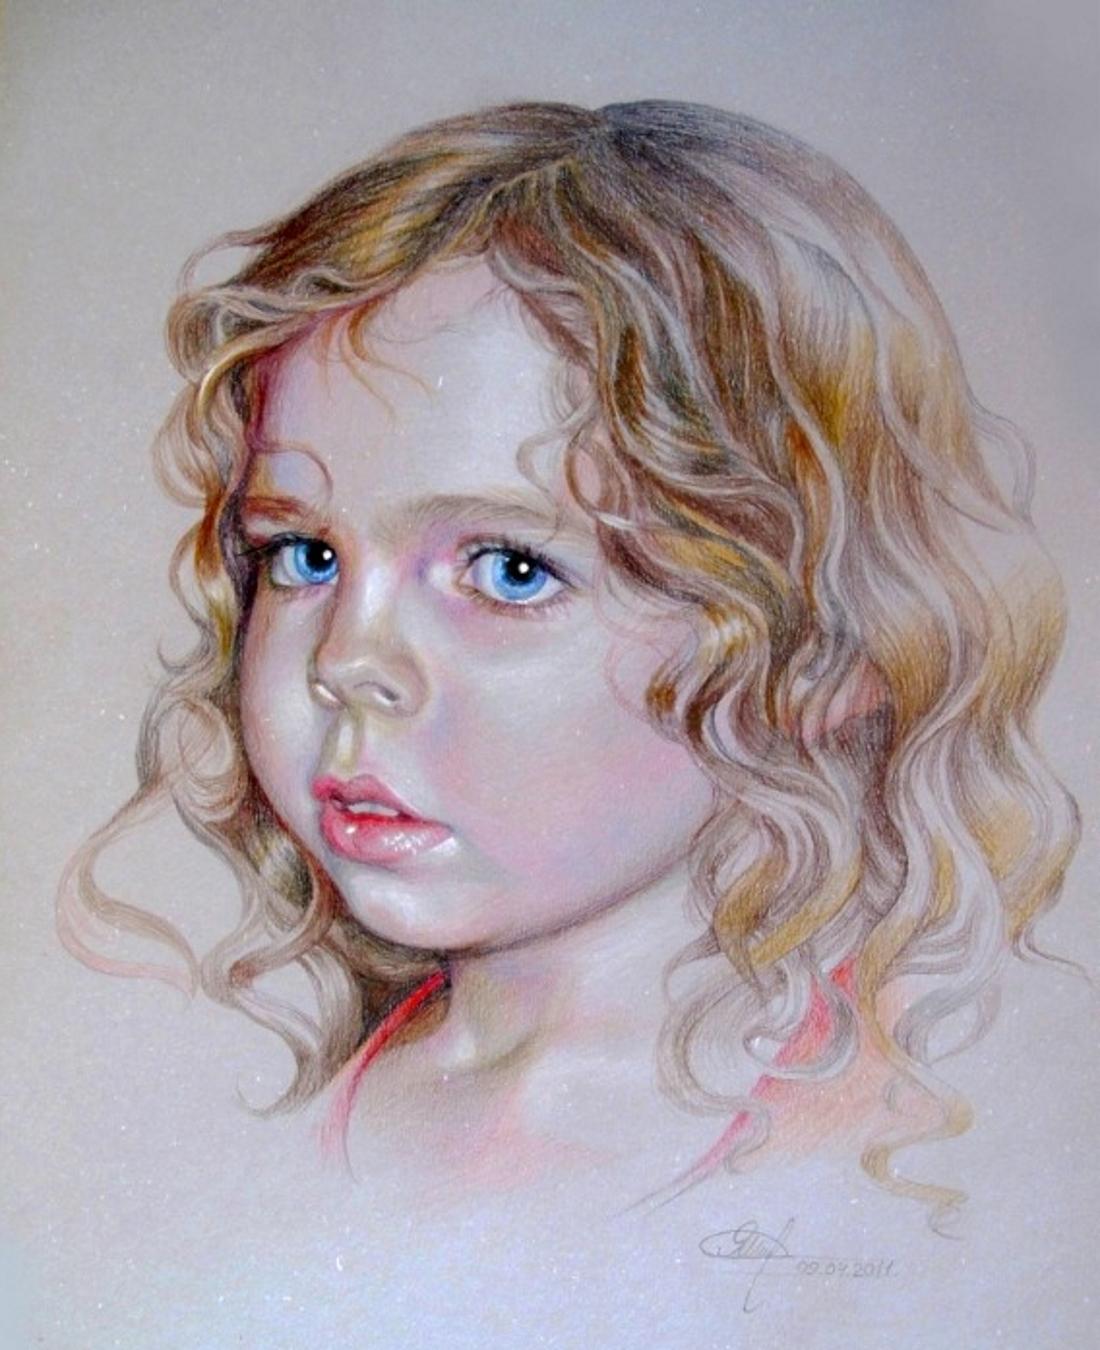 Красивые фото детей карандашом